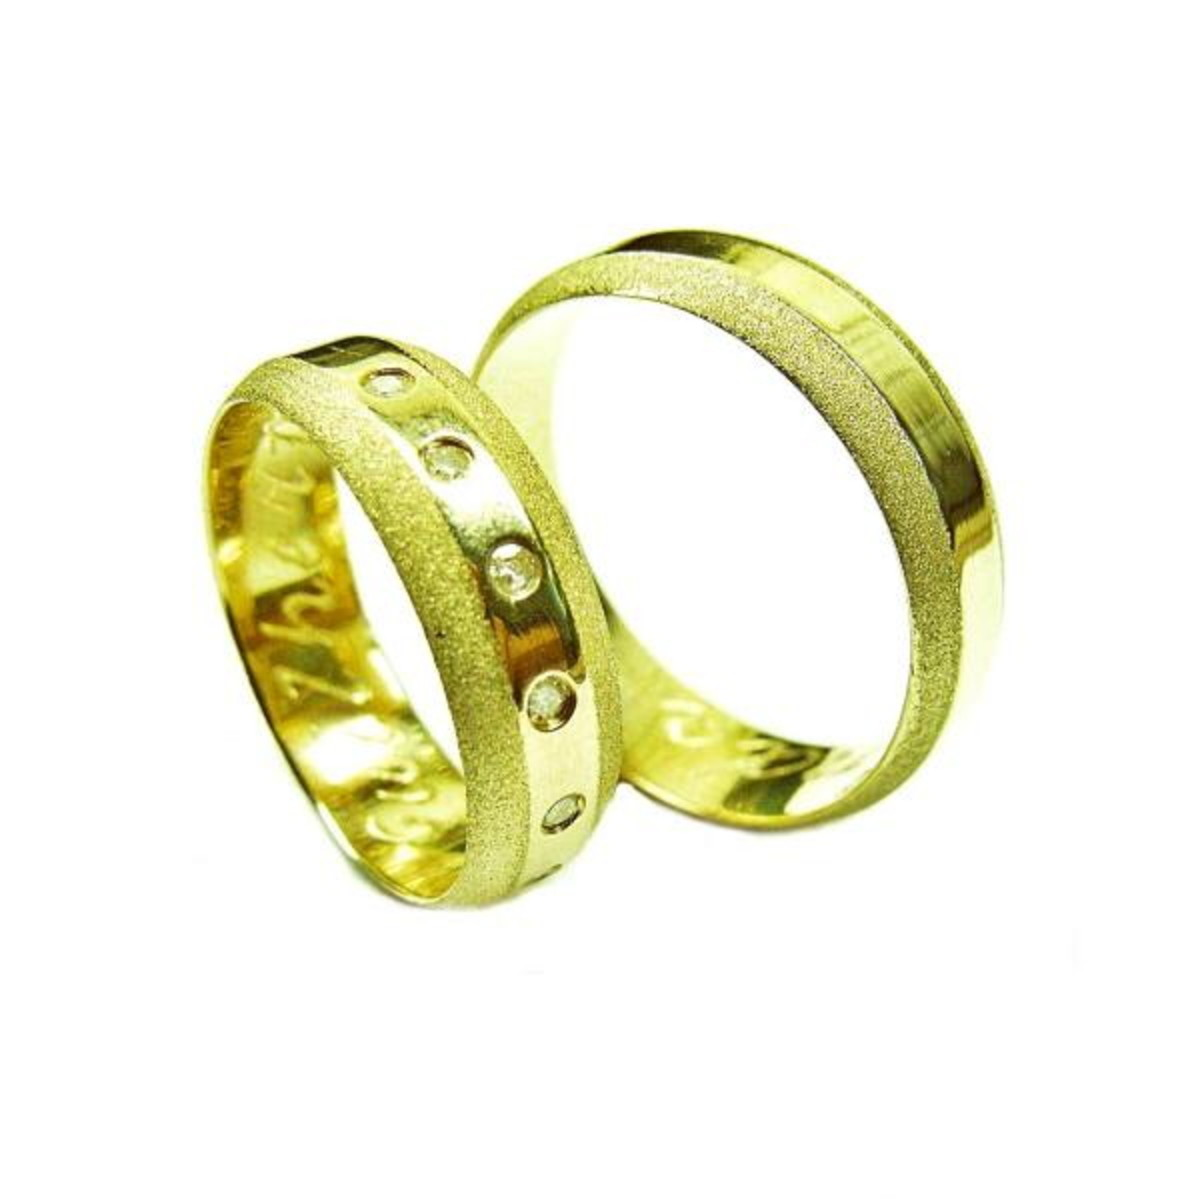 d263543f20aa6 Aliança de Ouro 18k Lisa com Brilhantes e Diamantada - (Par) no Elo7 ...